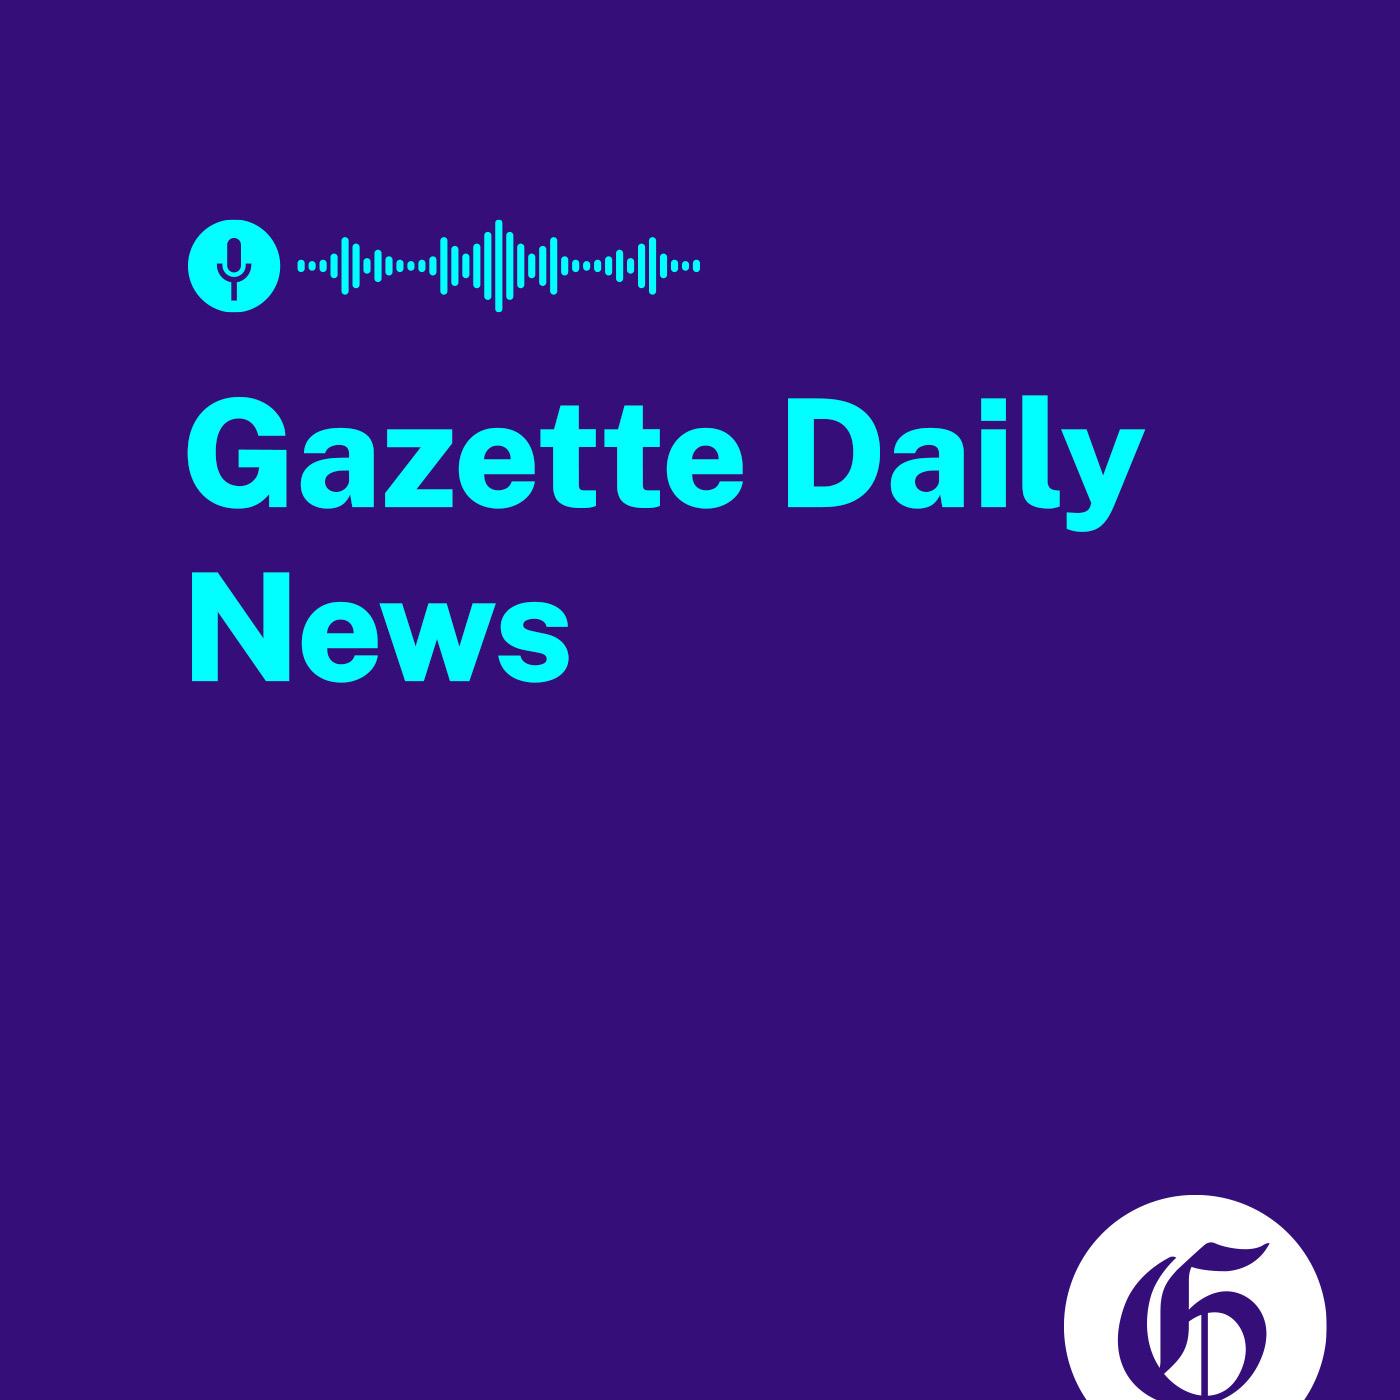 Artwork for podcast The Gazette Daily News Podcast